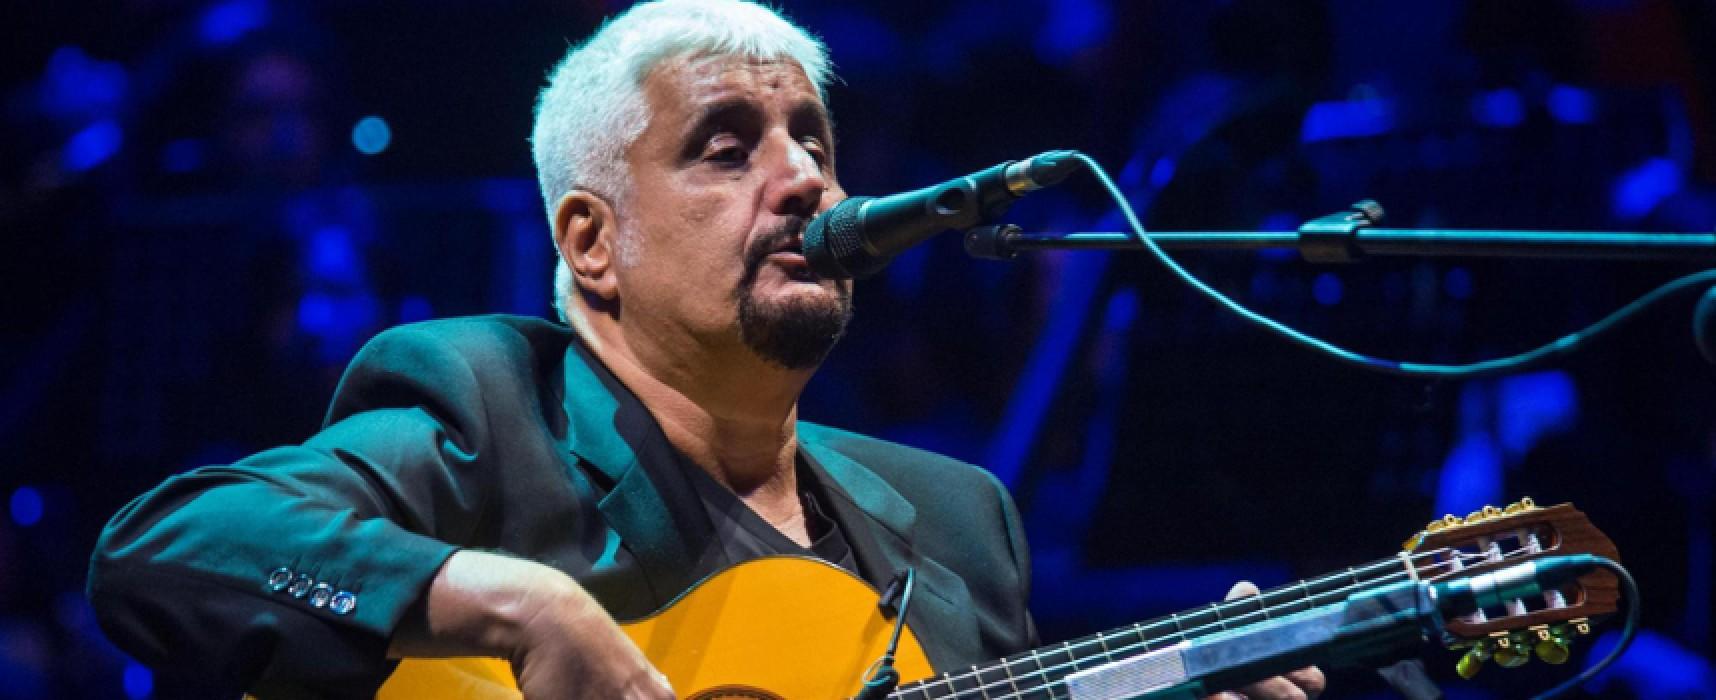 Rivive stasera la musica dell'indimenticabile Pino Daniele